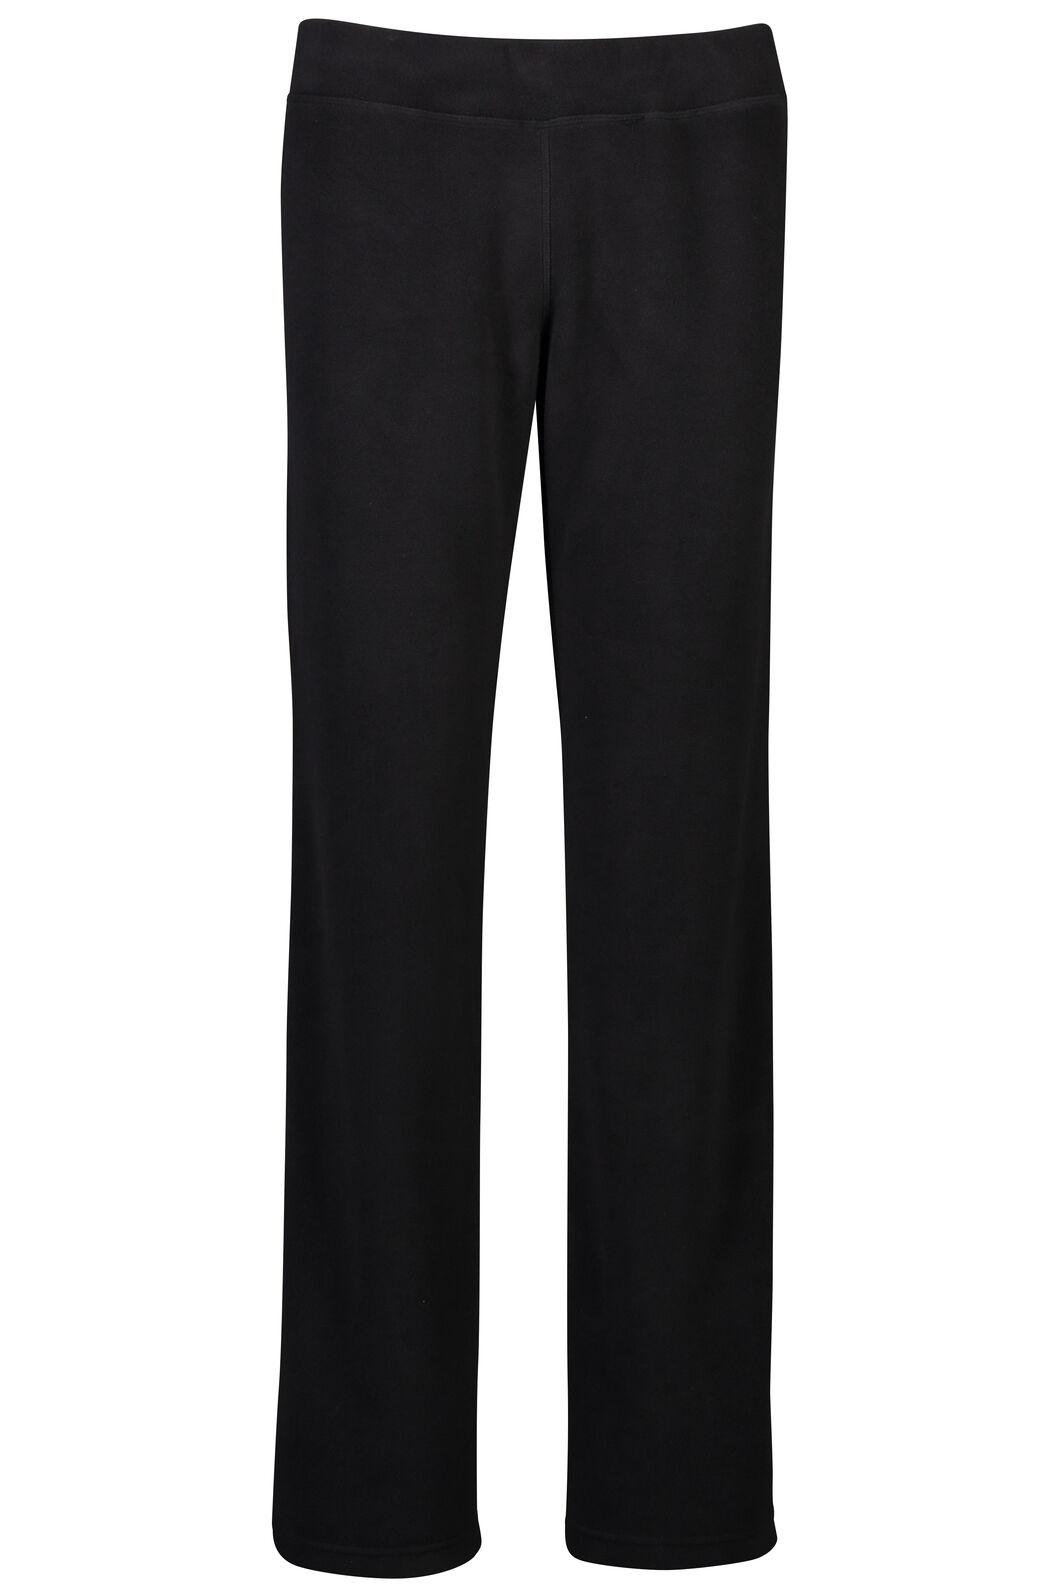 Dart Fleece Pants - Women's, Black, hi-res